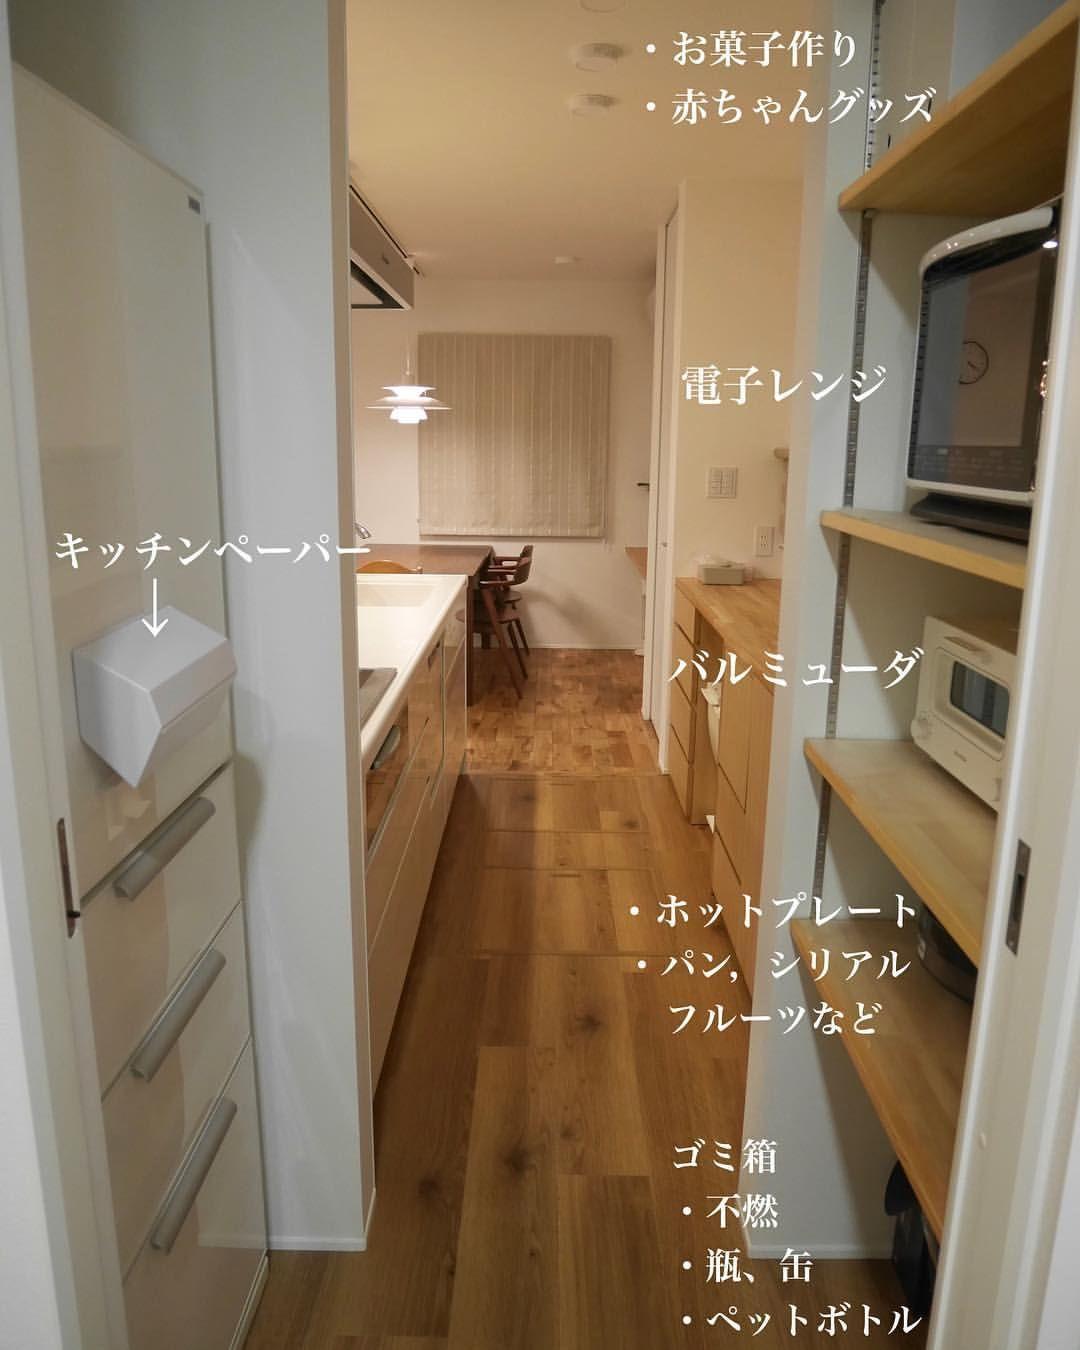 こんばんは 前回ご質問頂いた 我が家の家電収納です 横幅